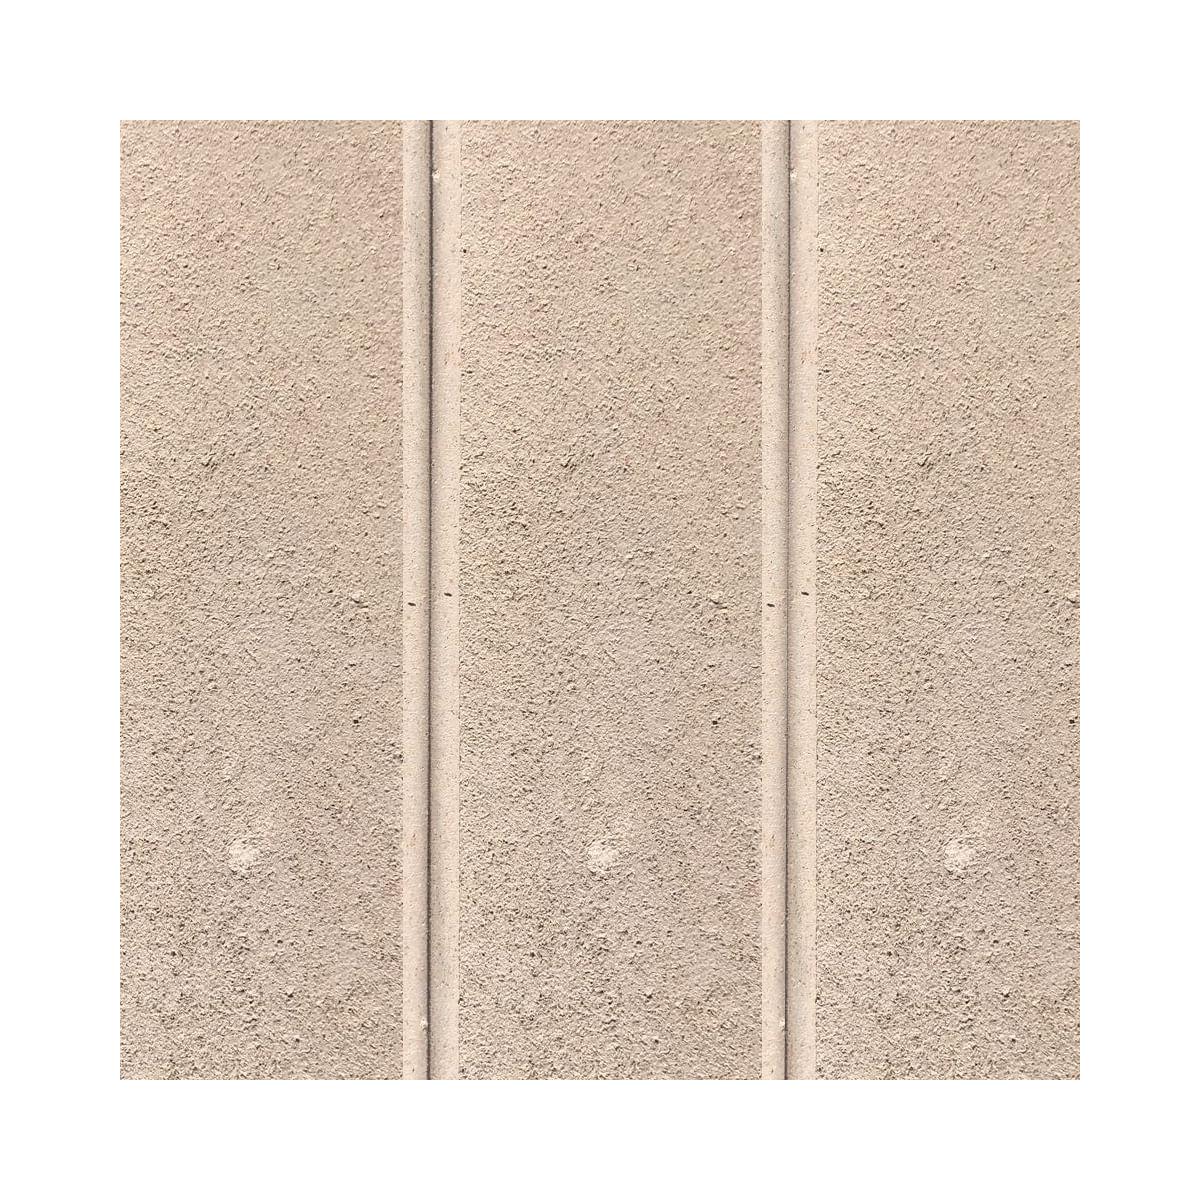 liston-deck-cemento